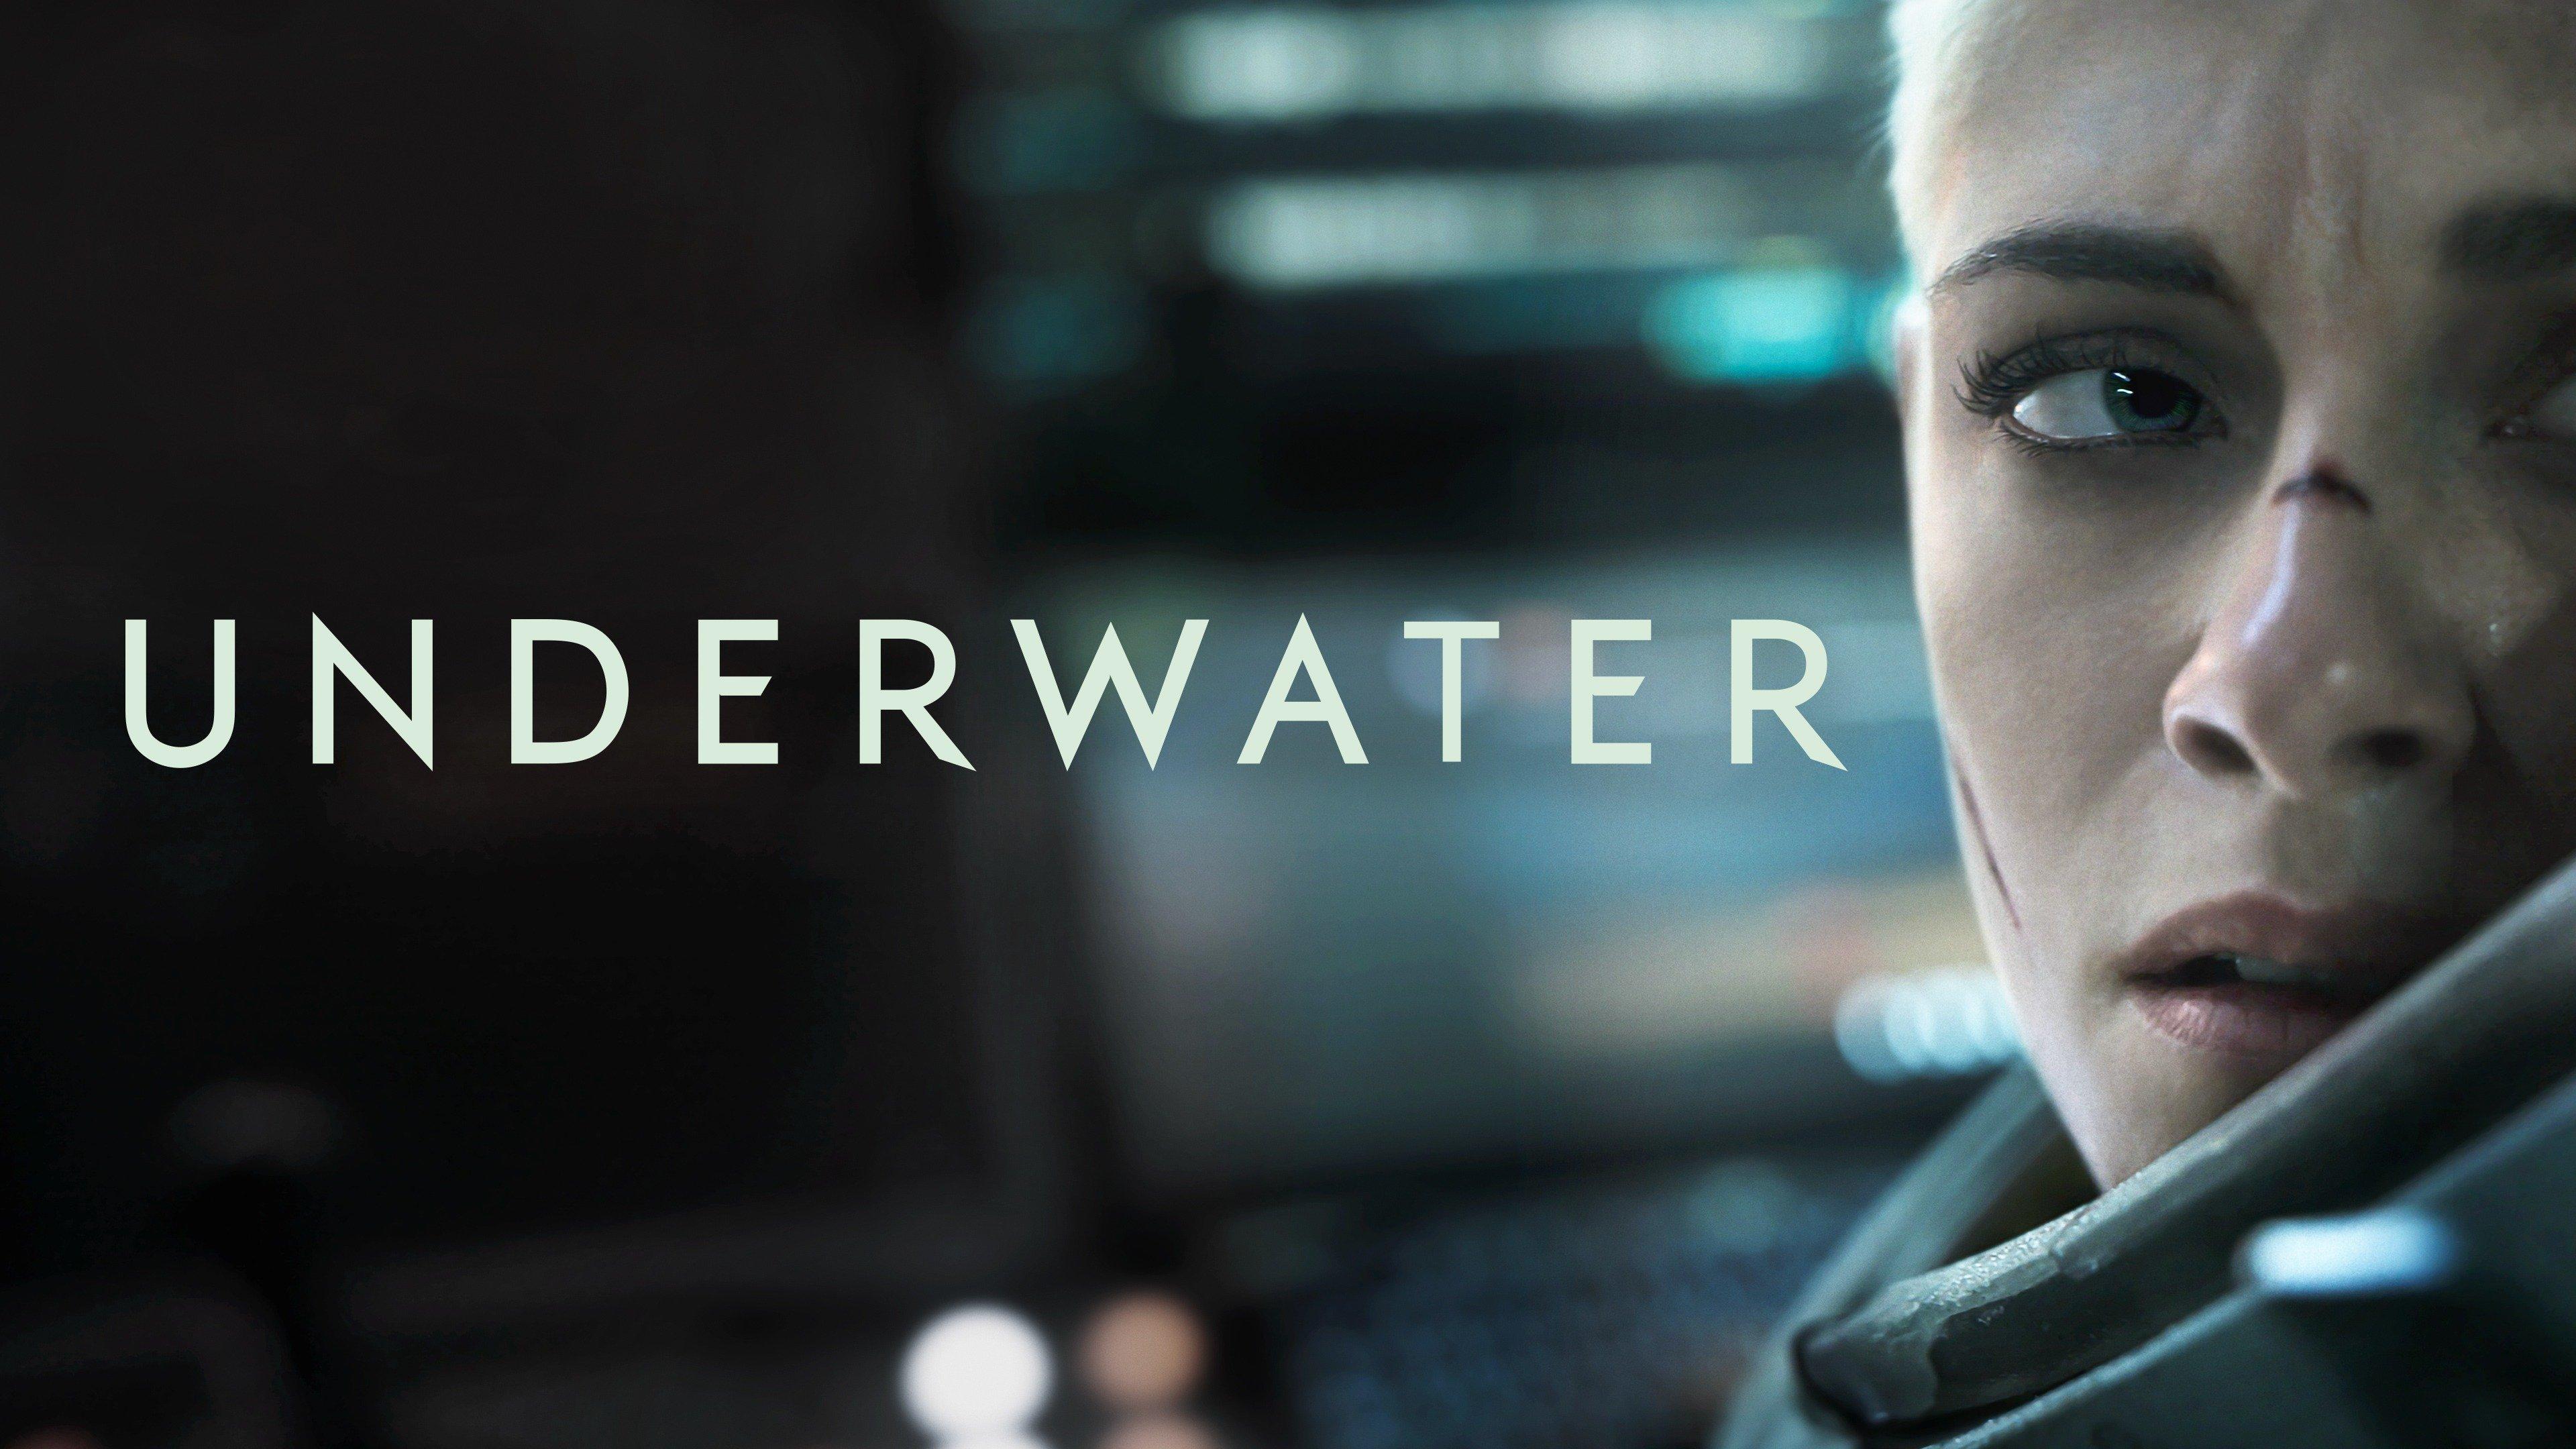 Underwater Flixster